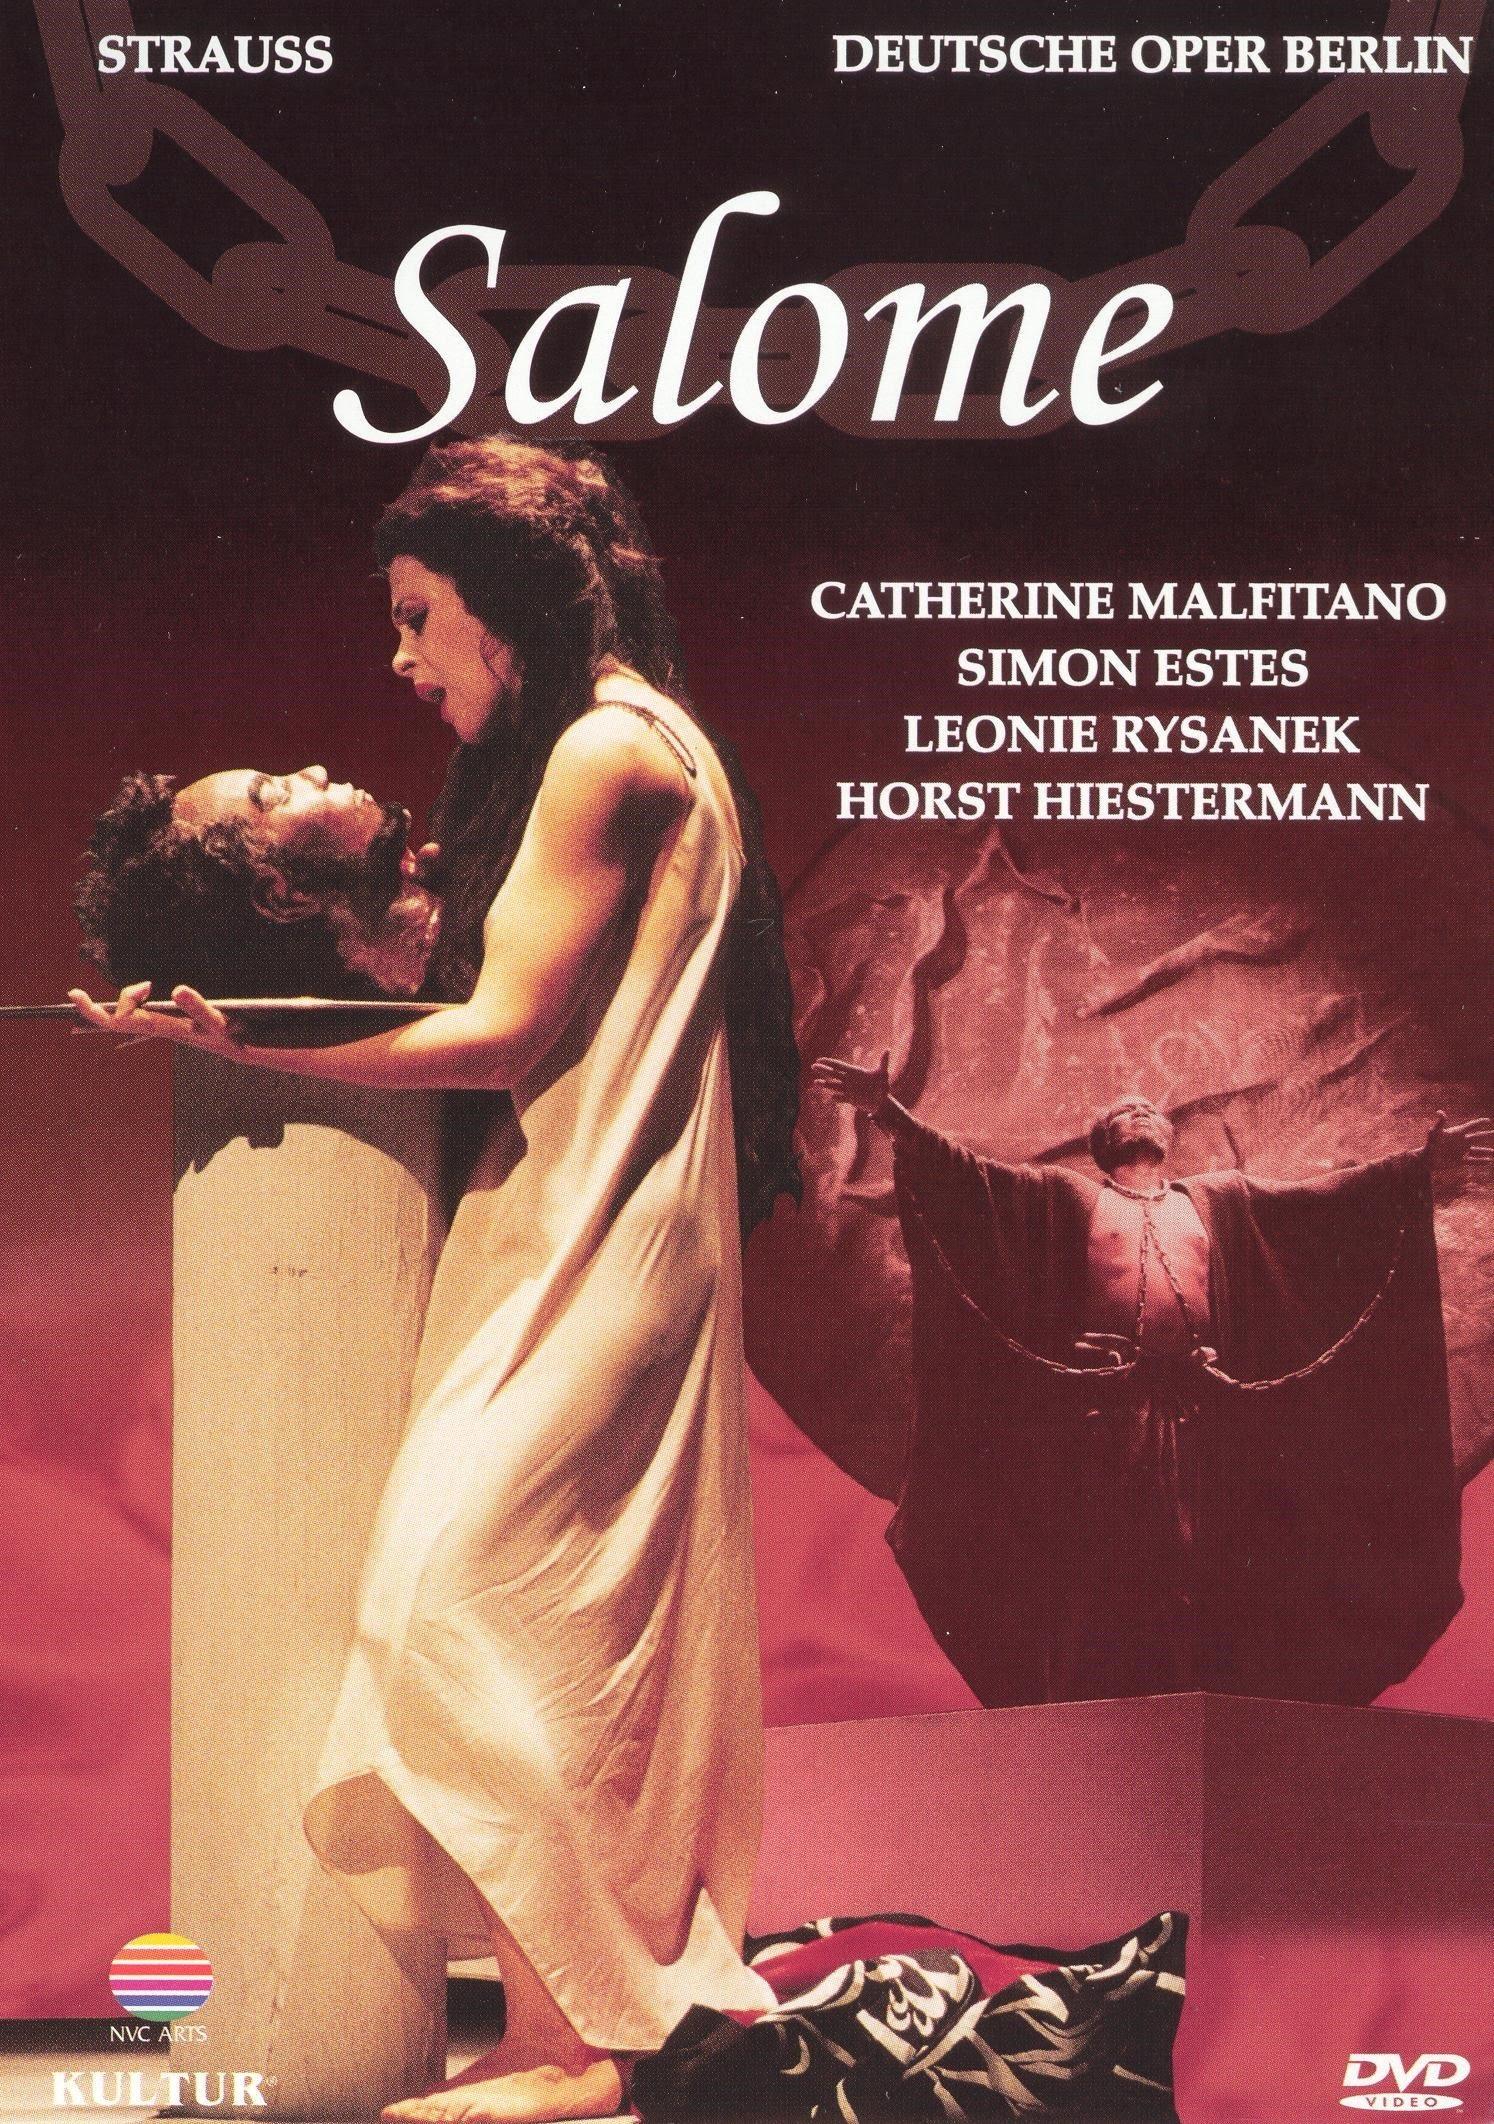 الترجمة العربية الوحيدة لأوبرا (سالومي) لشتراوس 1990 تحميل تورنت فيلم 1 arabp2p.com